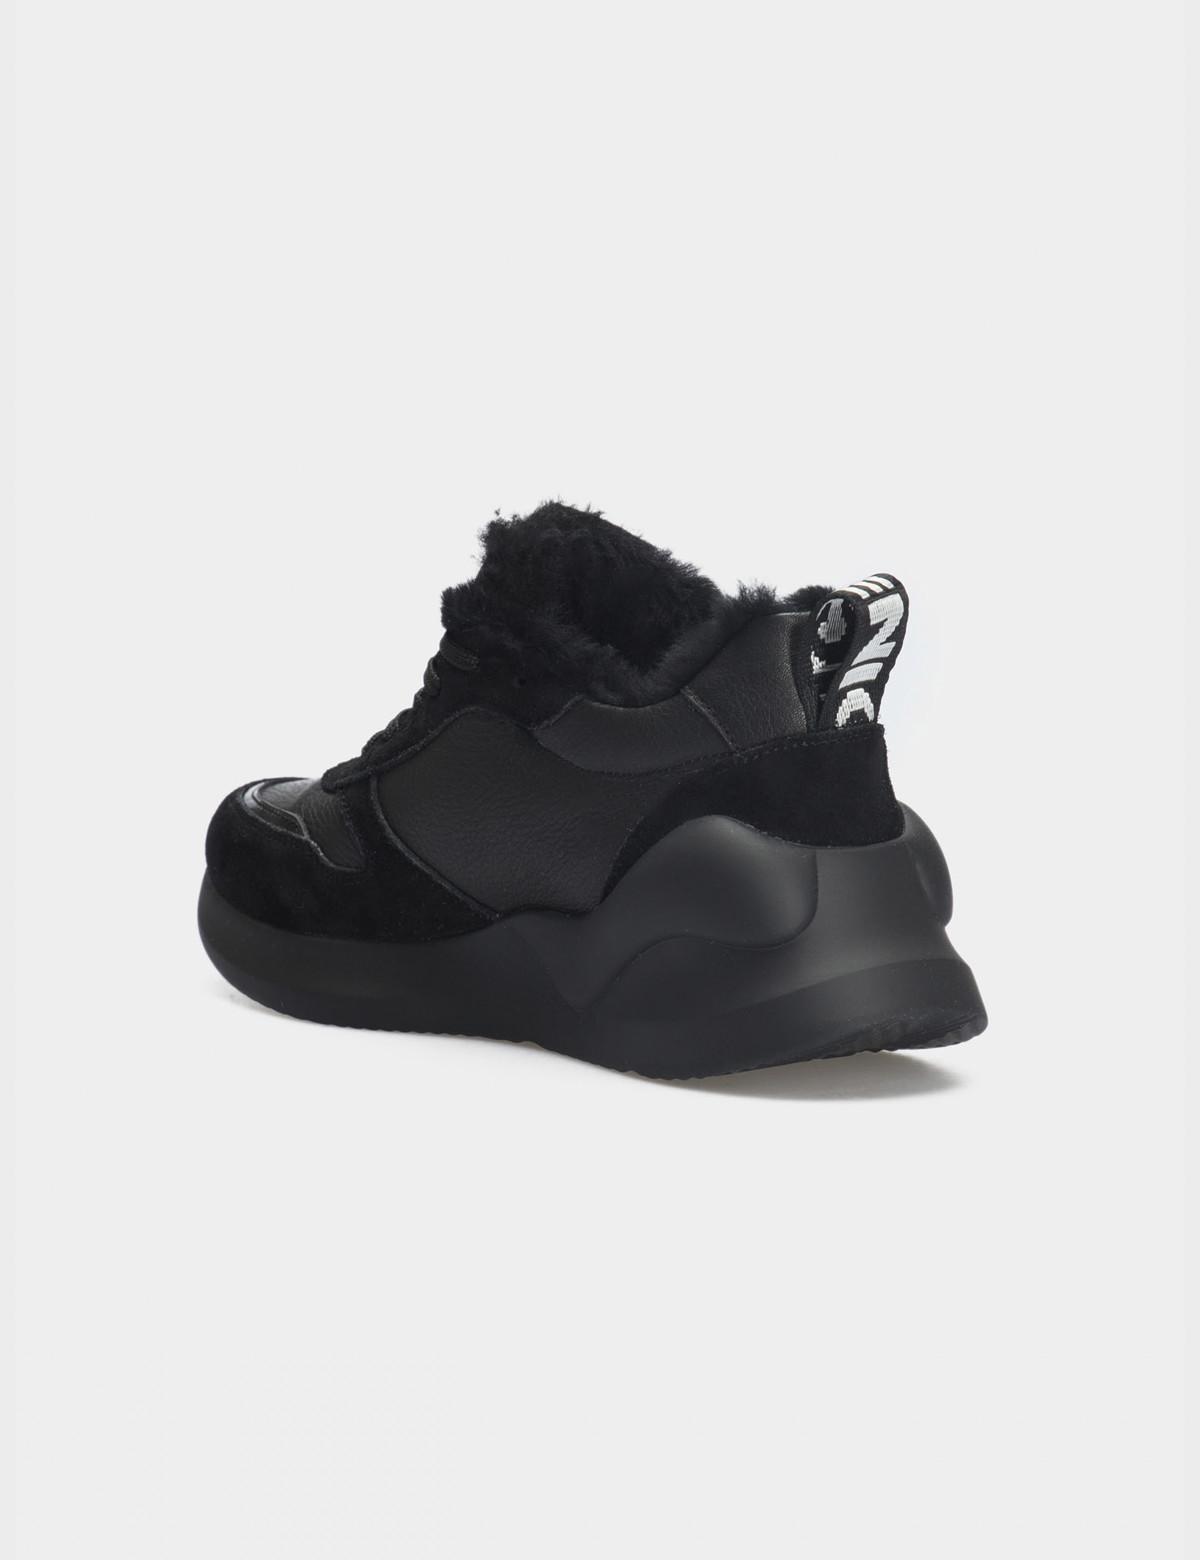 Кросівки чорні. Натуральна шкіра/замша. Вовна2